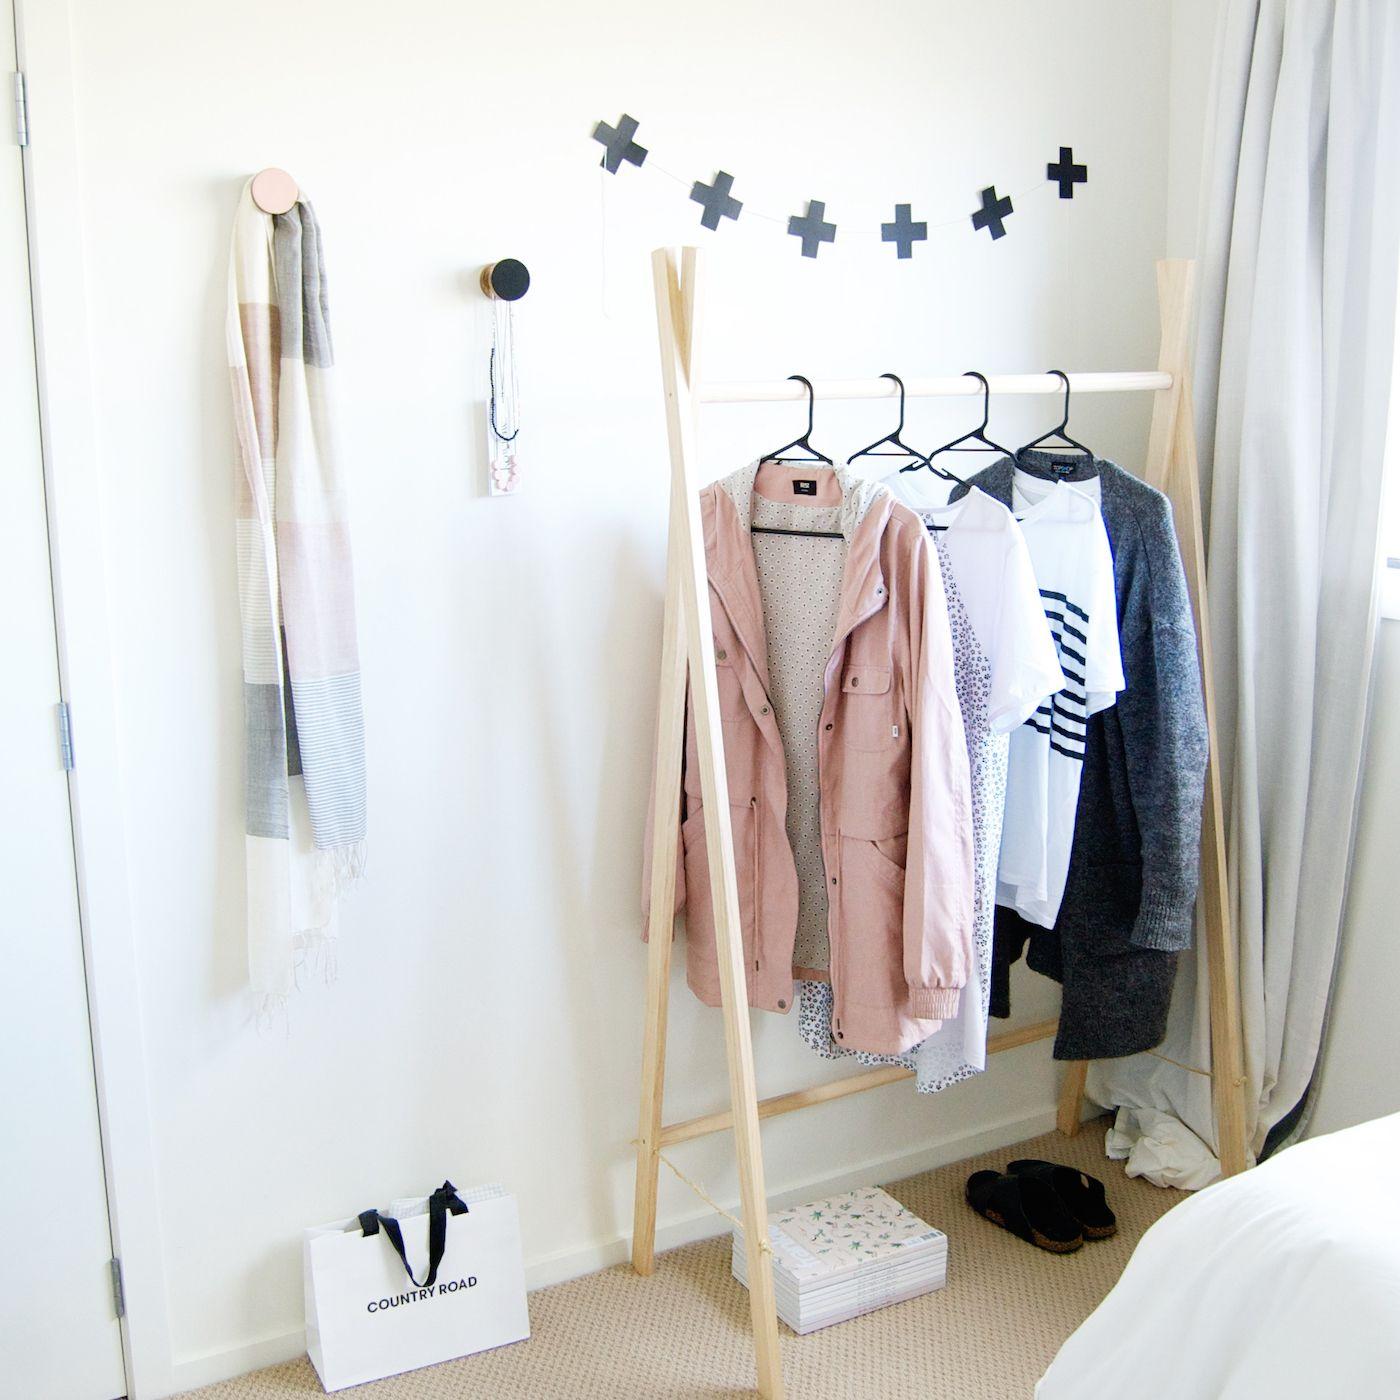 Diy Wooden Clothes Rack In Under 15 Mins Projets De Menuiserie Faciles Portant Vetement Bricolage Pour La Chambre